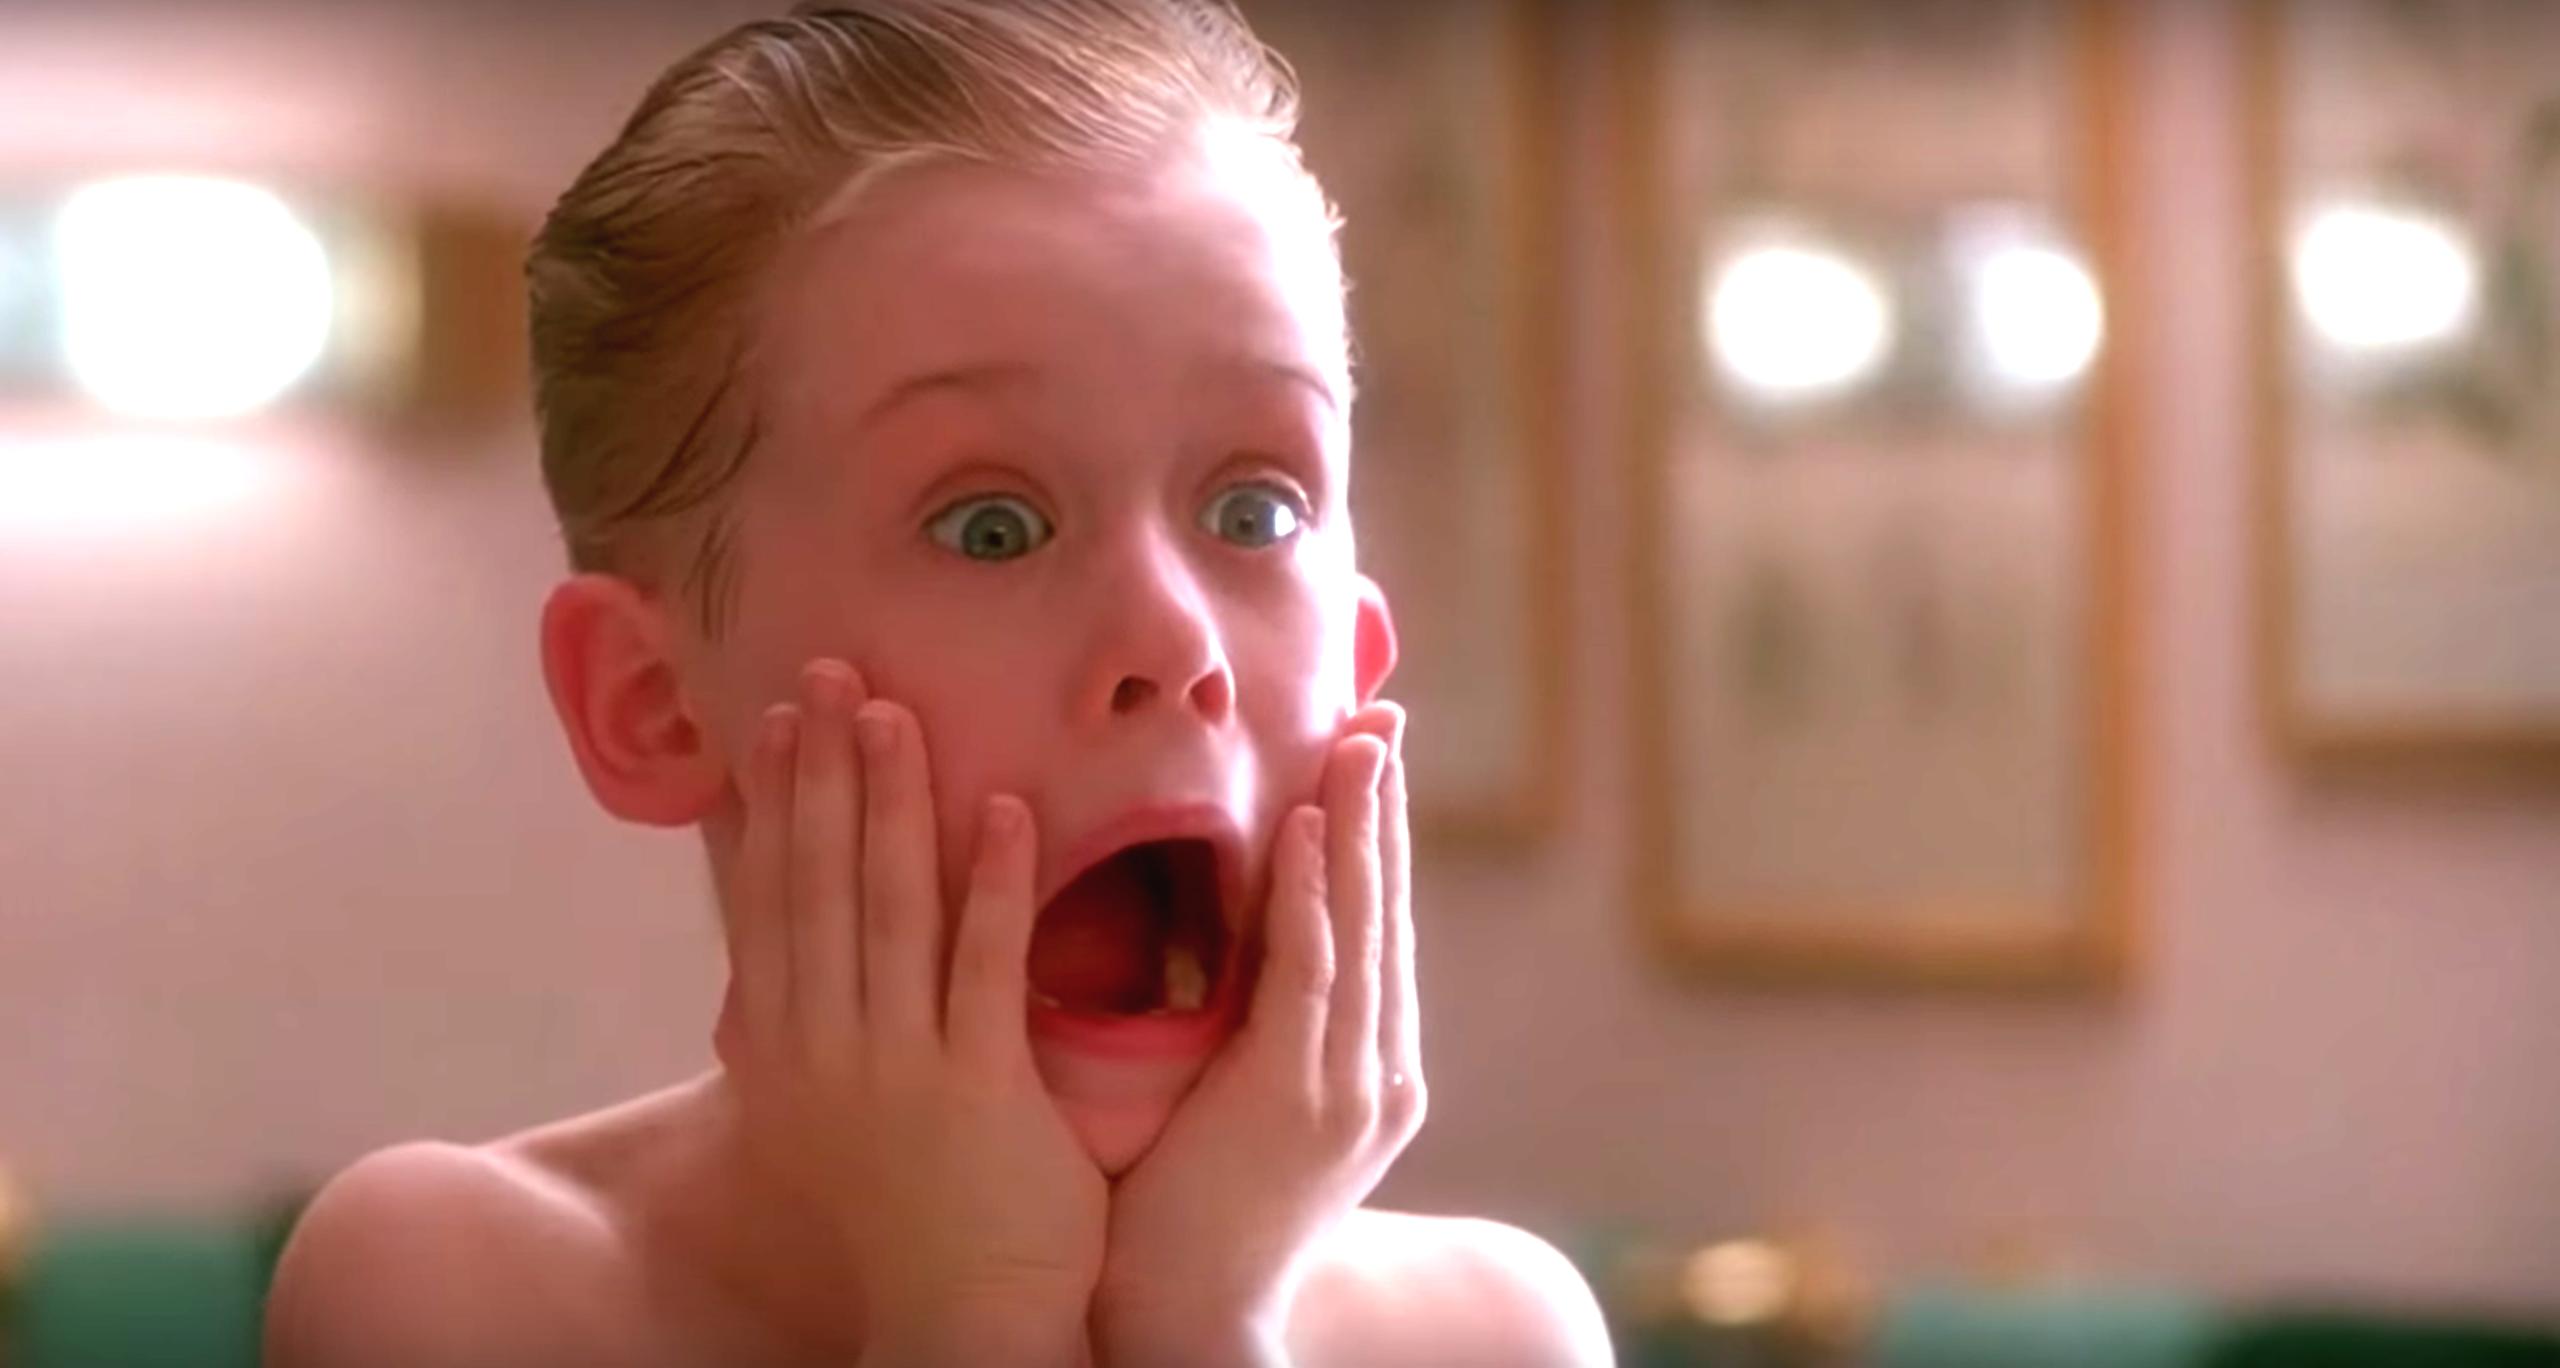 chilango - Disney prepara remake de <i>Mi pobre angelito</i> y nadie lo toma bien 😥